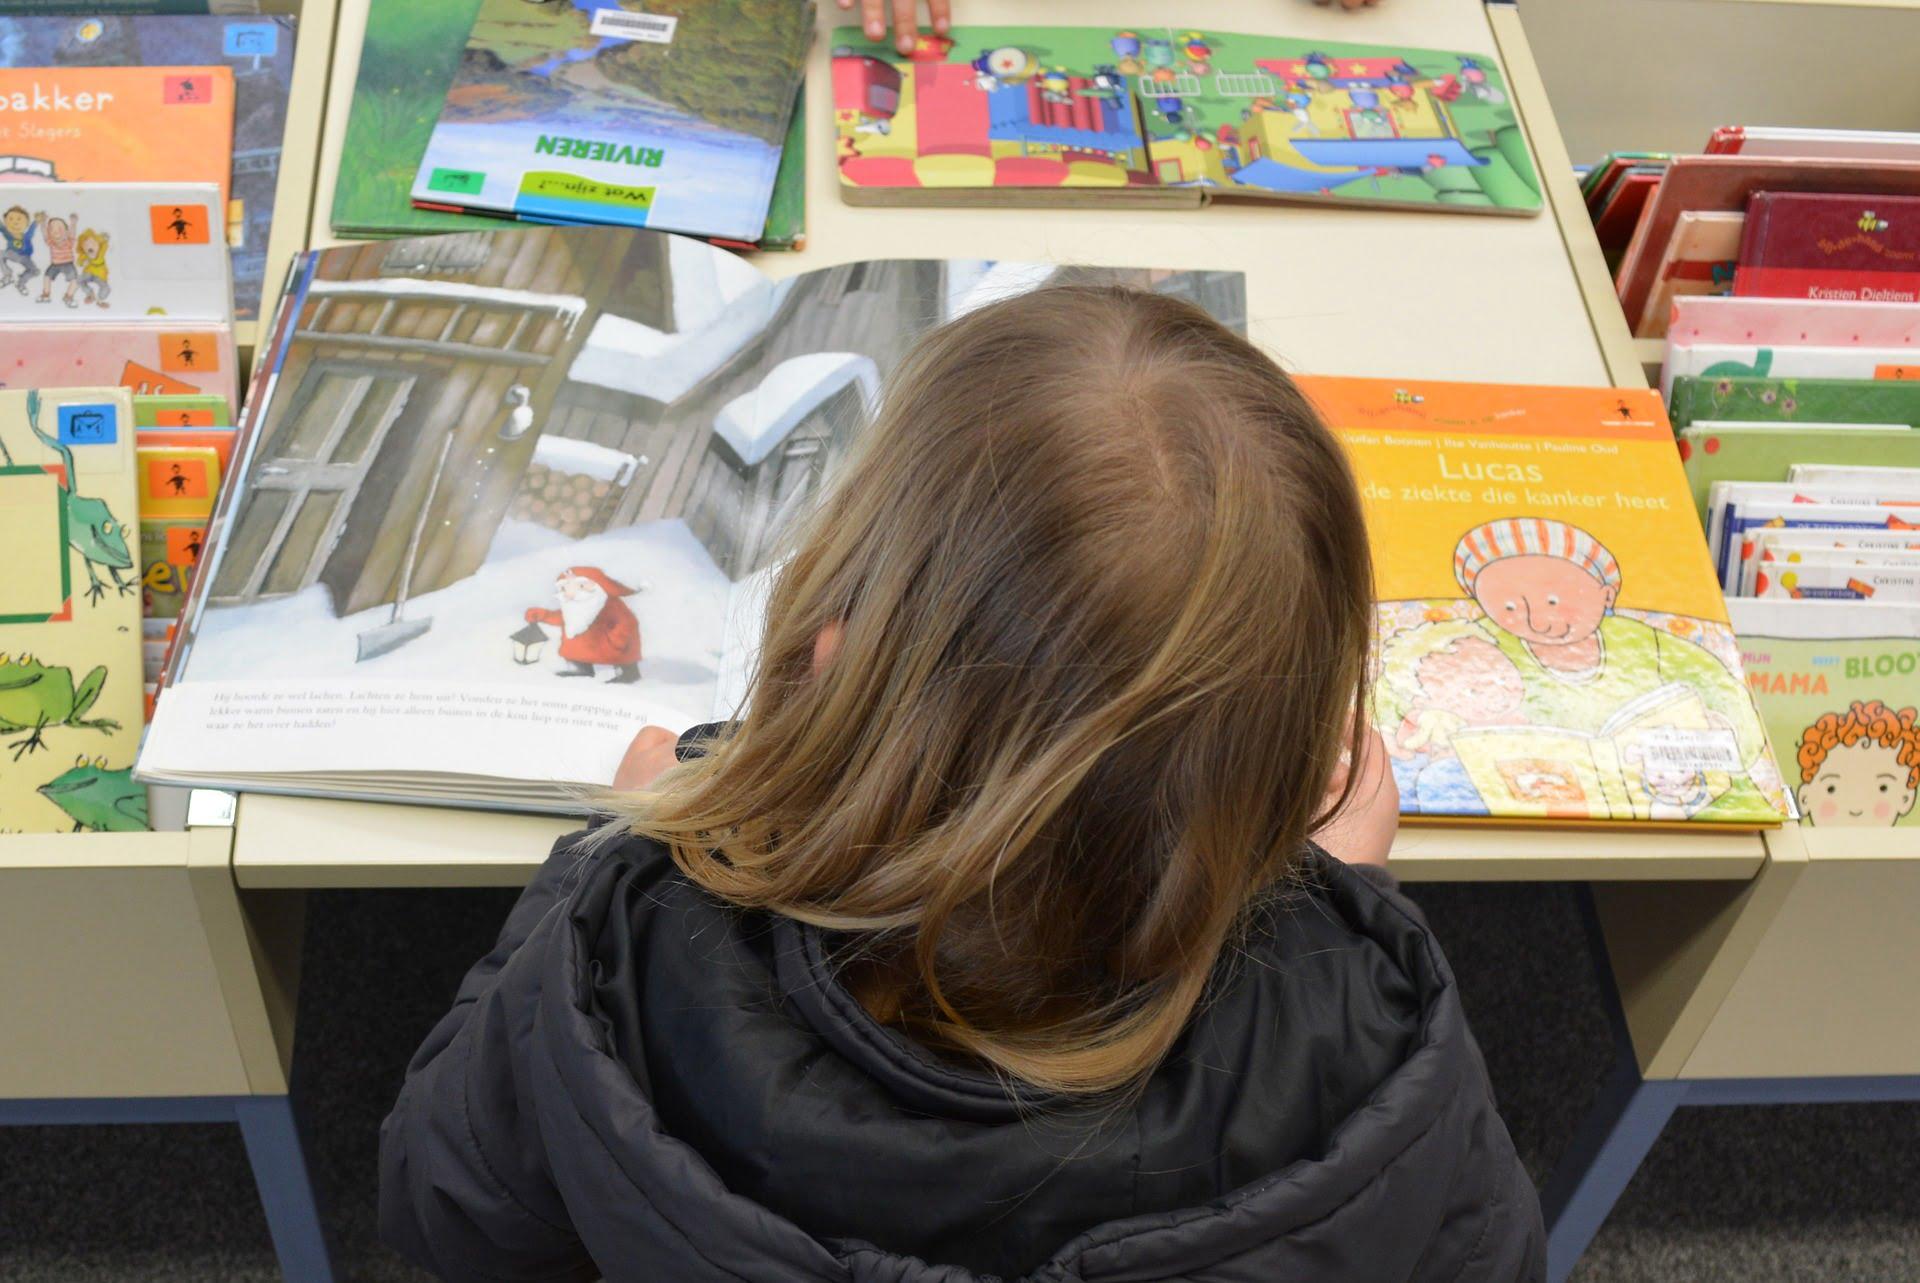 Enfants à la bibliothèque, aimer lire des livres